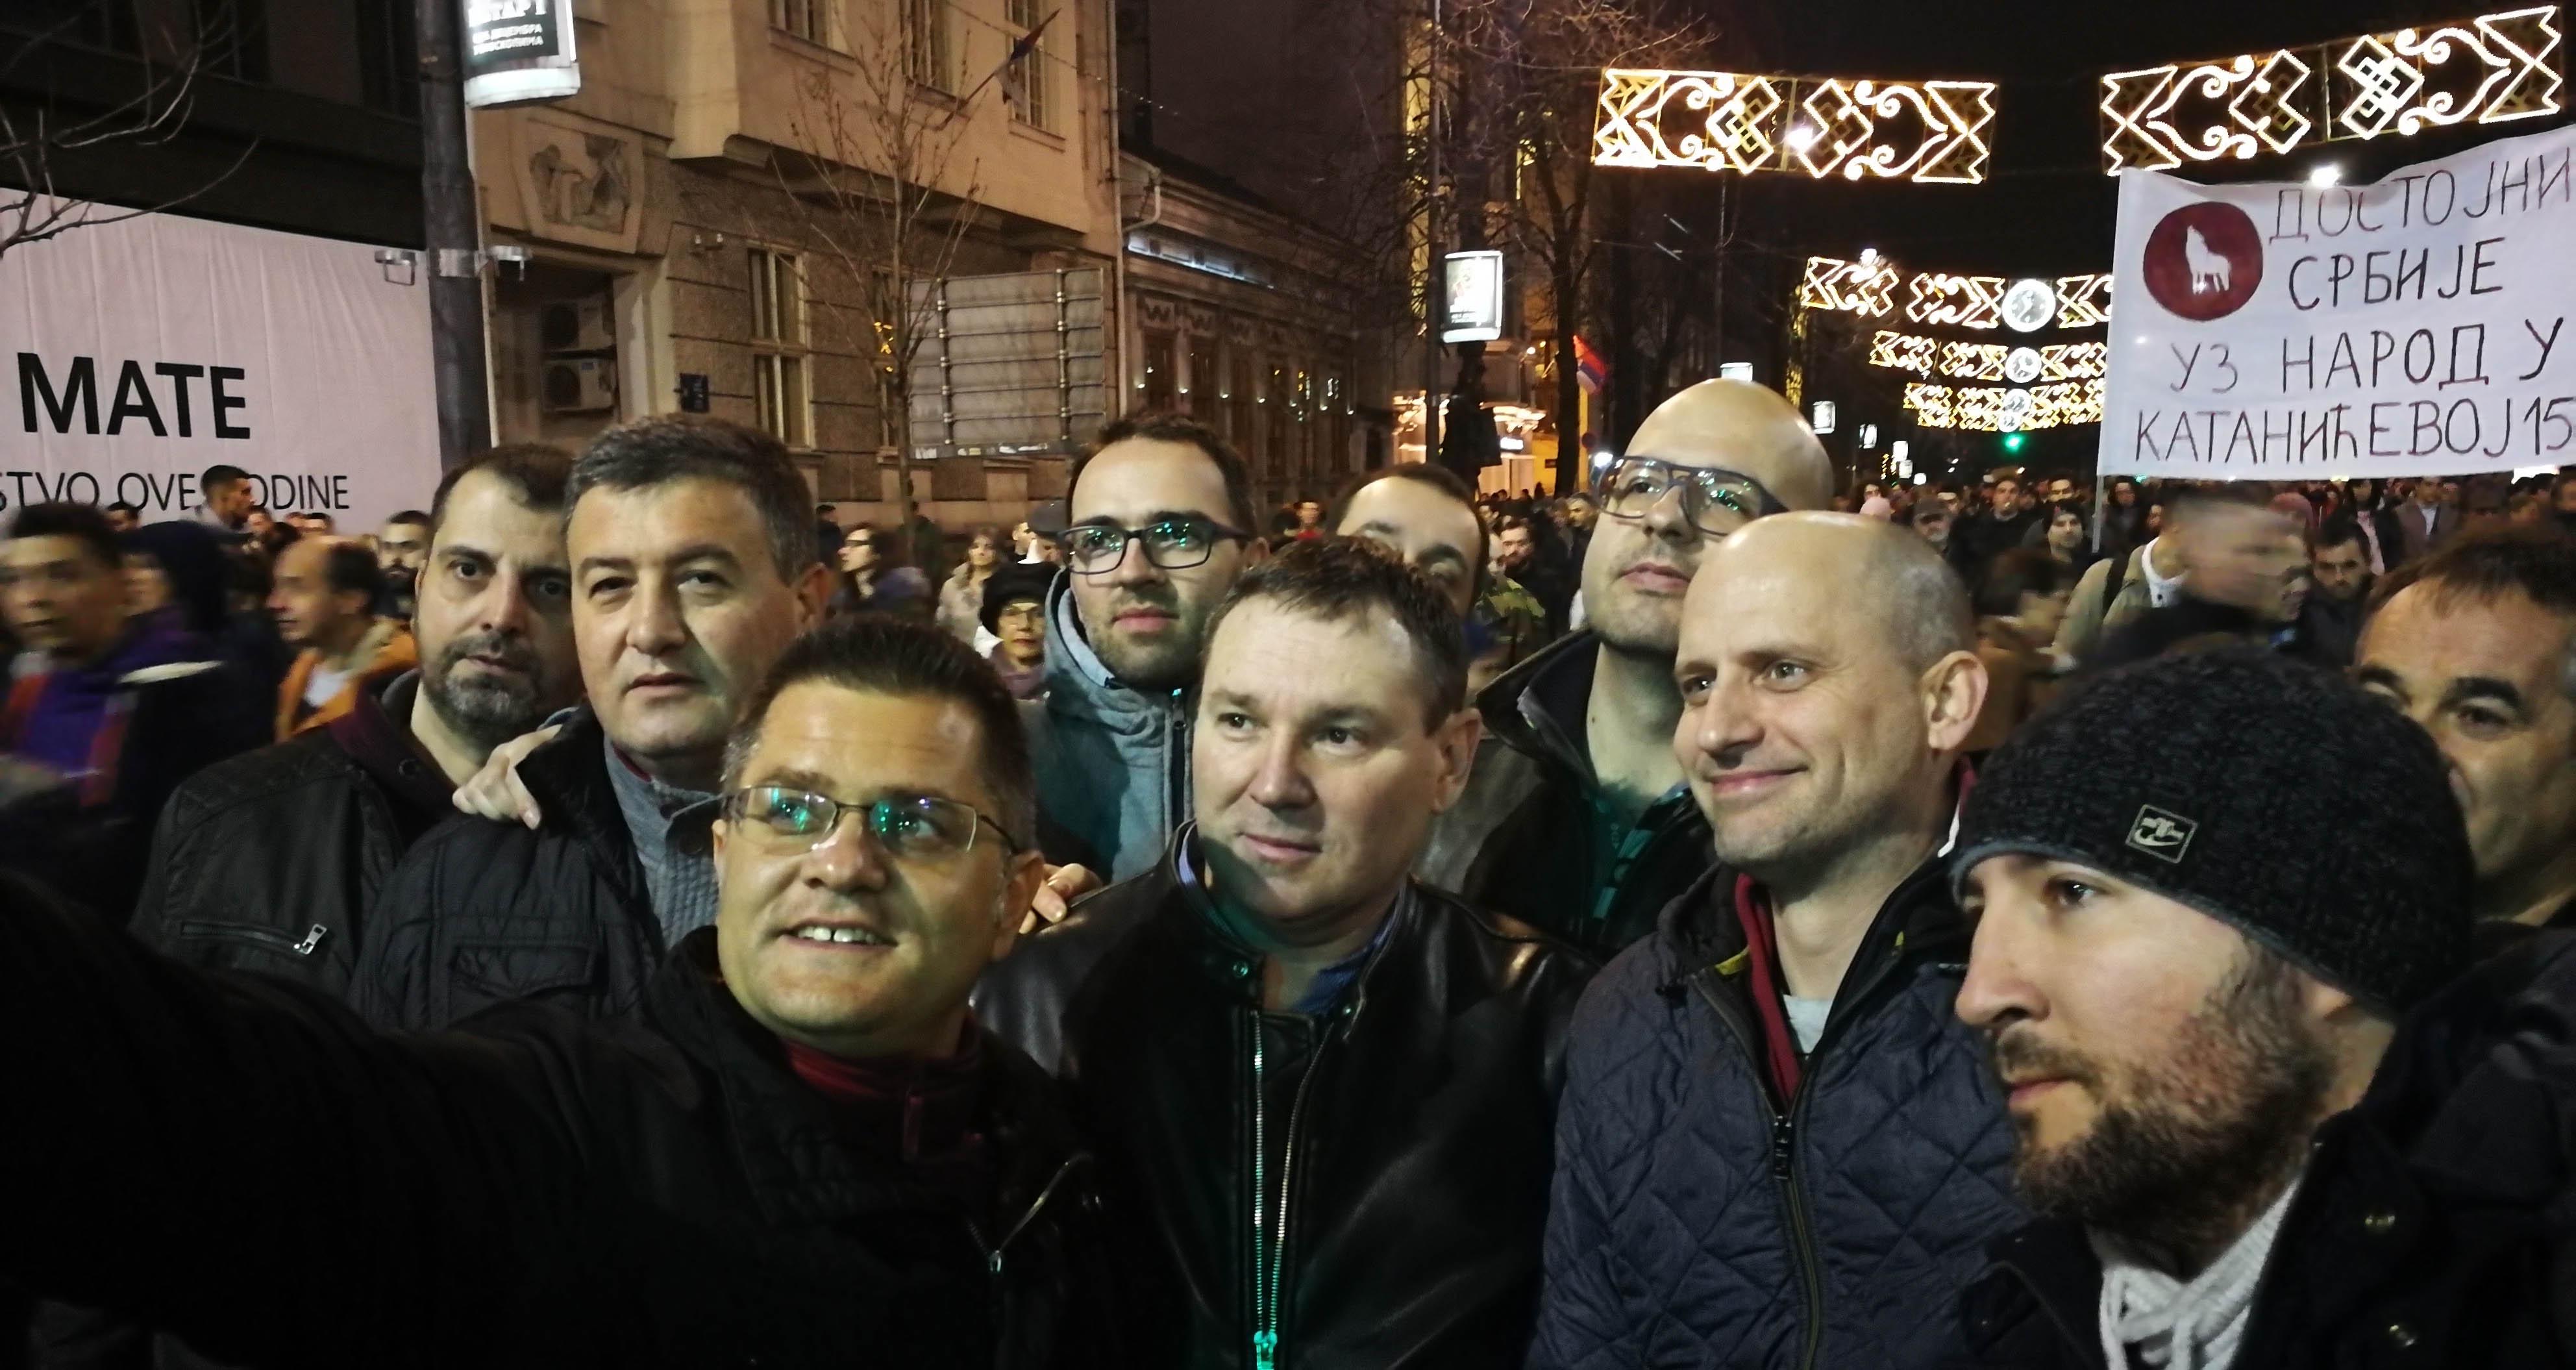 Вук Јеремић: Ко би помислио пре 22 године да ћемо опет на улице